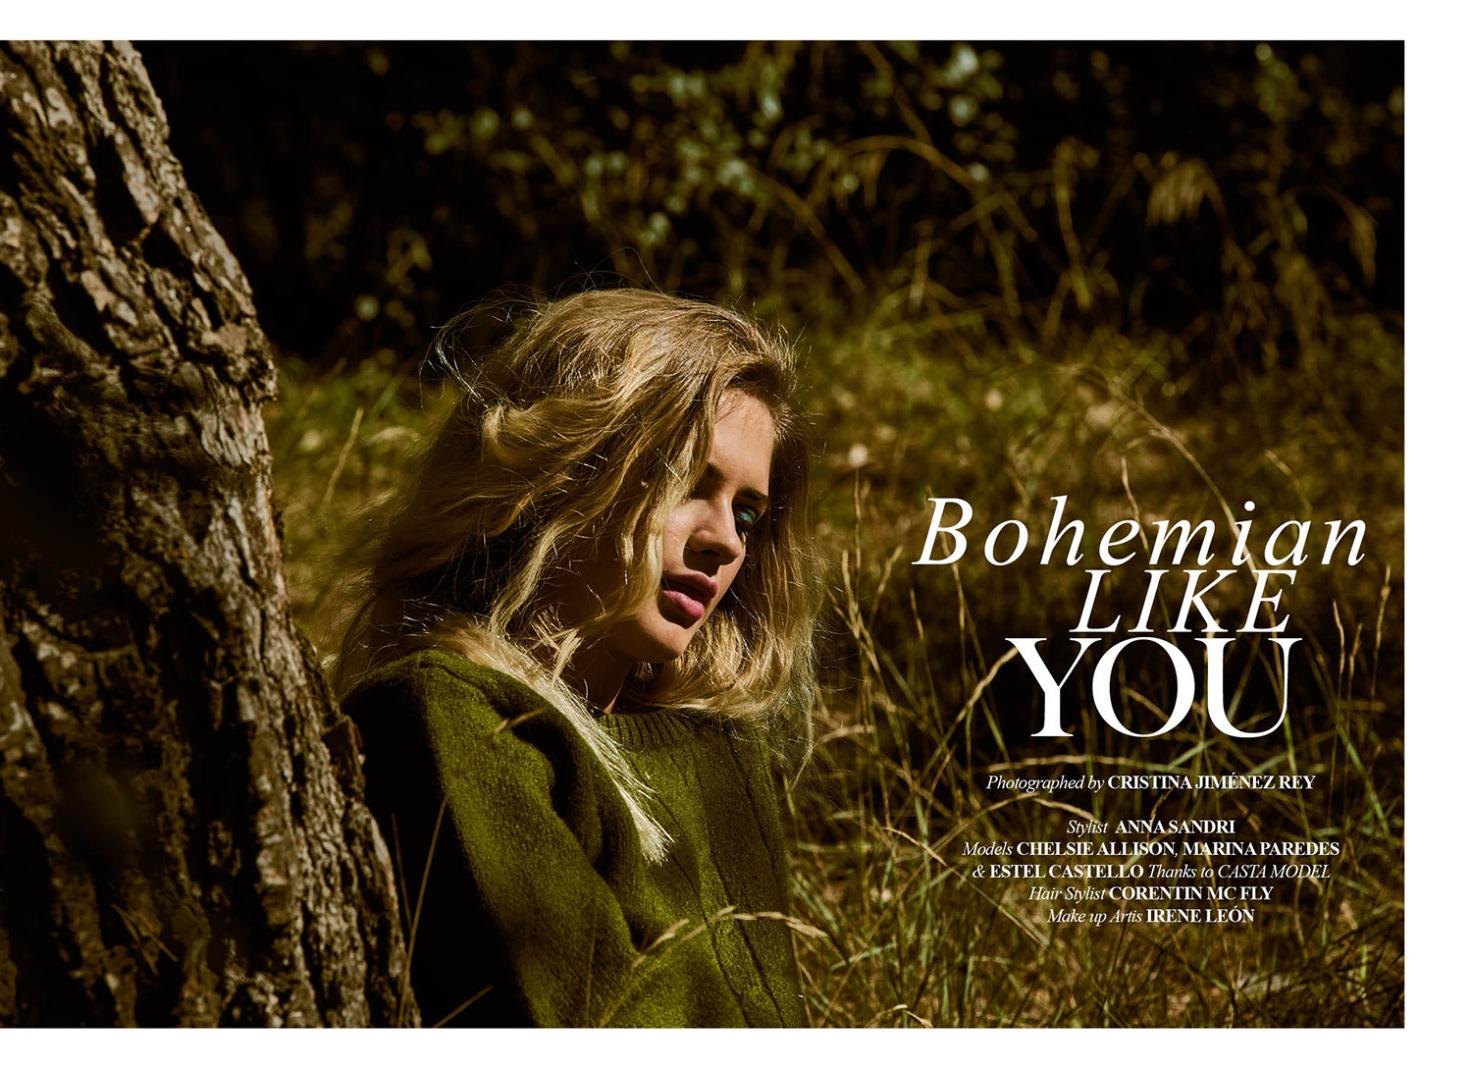 bohemian-like-you